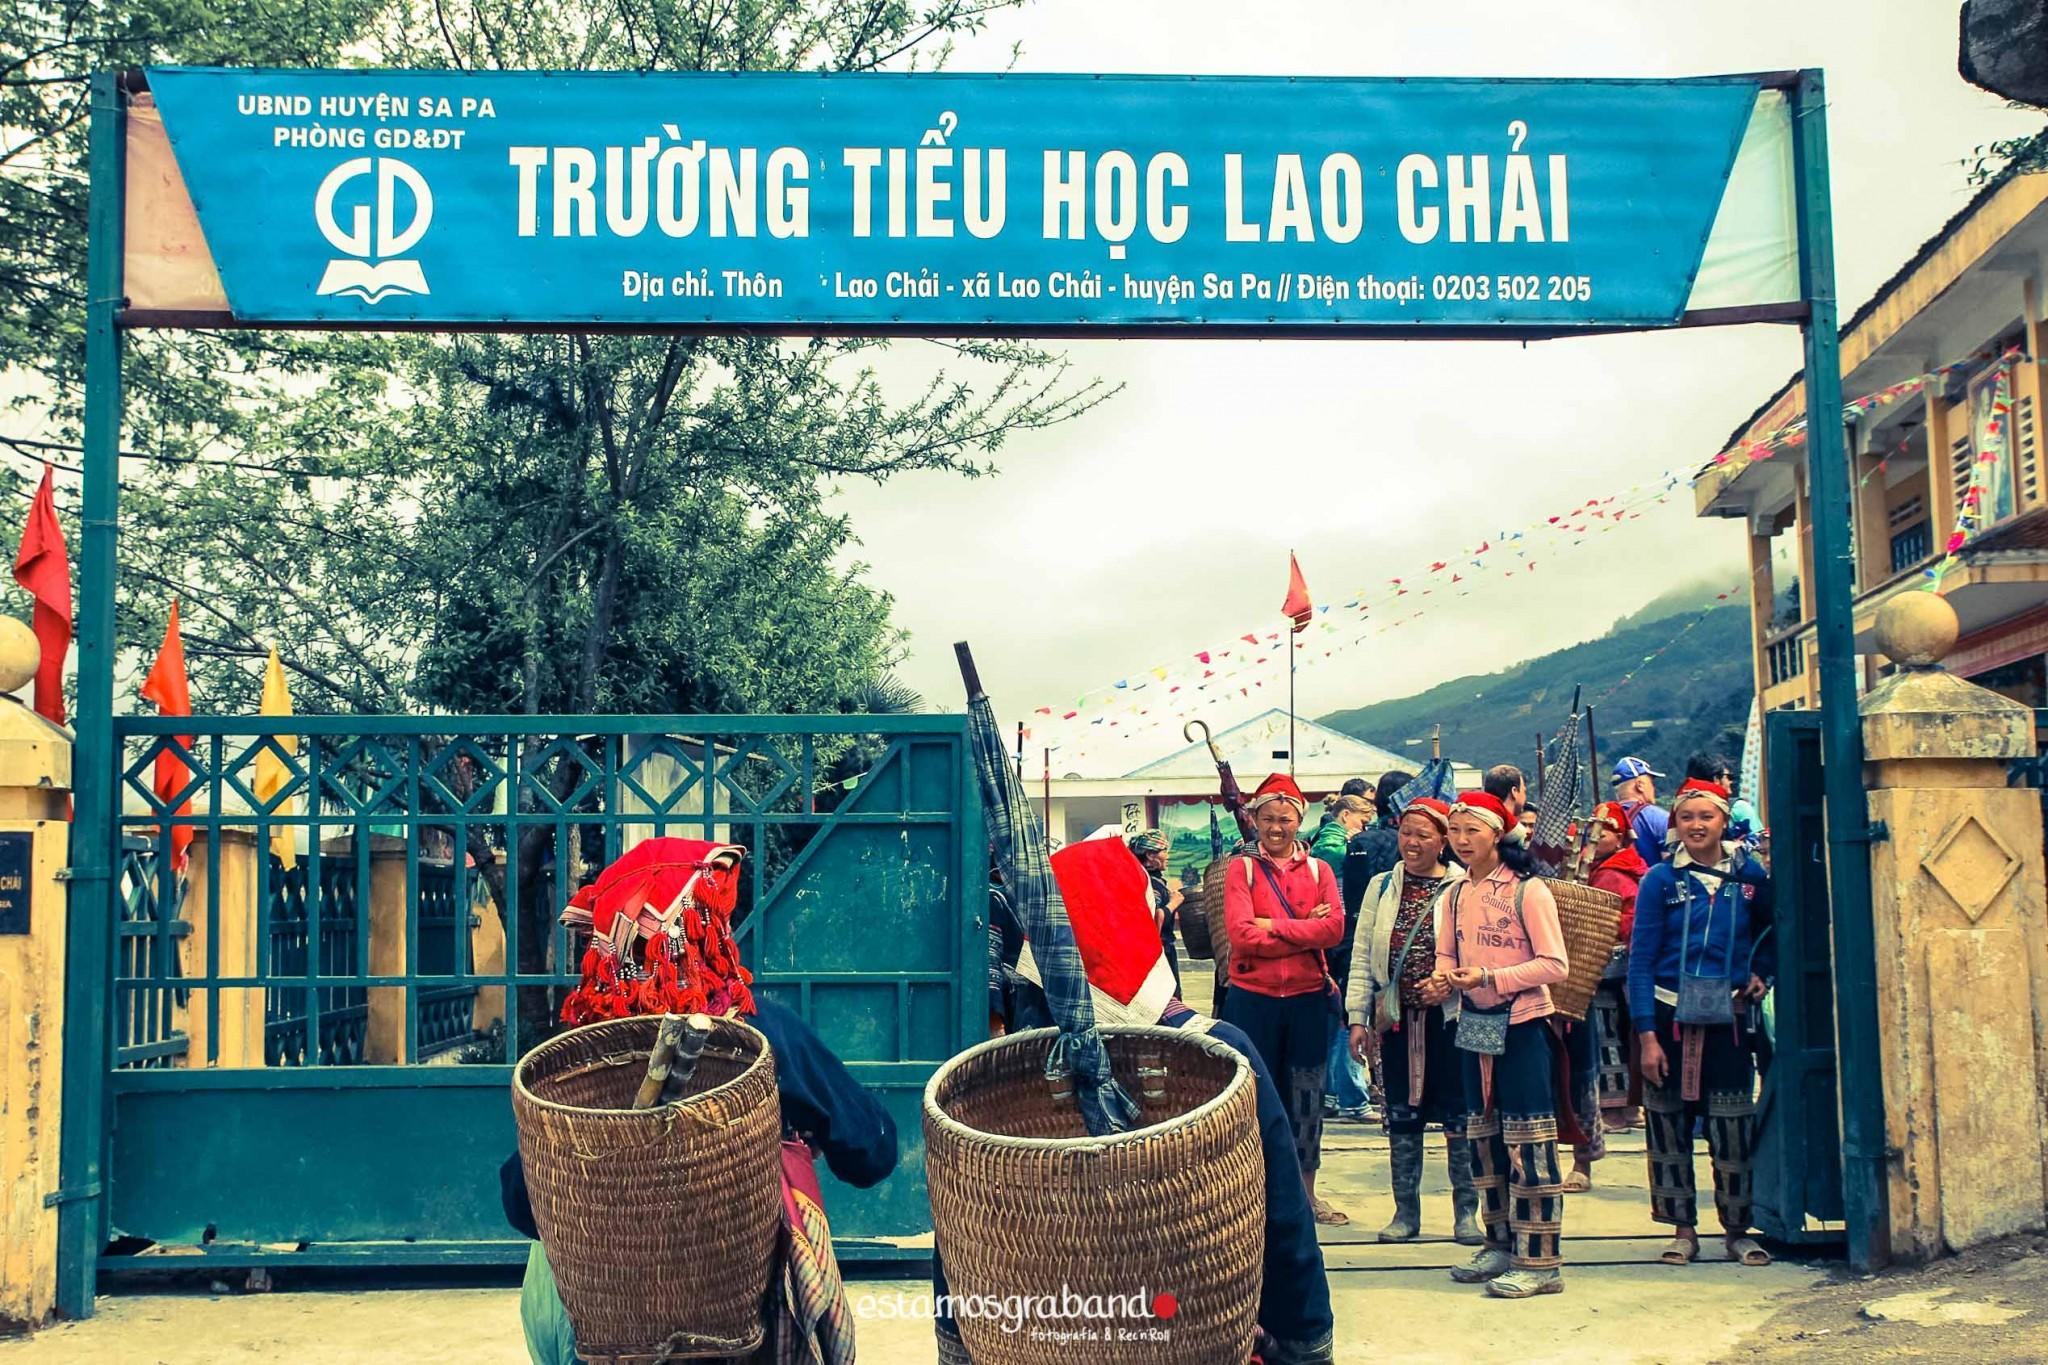 reportaje-vietnam_fotograficc81a-vietnam_estamosgrabando-vietnam_rutasvietnam_reportaje-retratos-fotos-vietnam_fotografia-vietnam_reportaje-estamosgrabando-fotograficc81a-vietnam-21 Pequeños grandes recuerdos de Vietnam en 100 imágenes - video boda cadiz